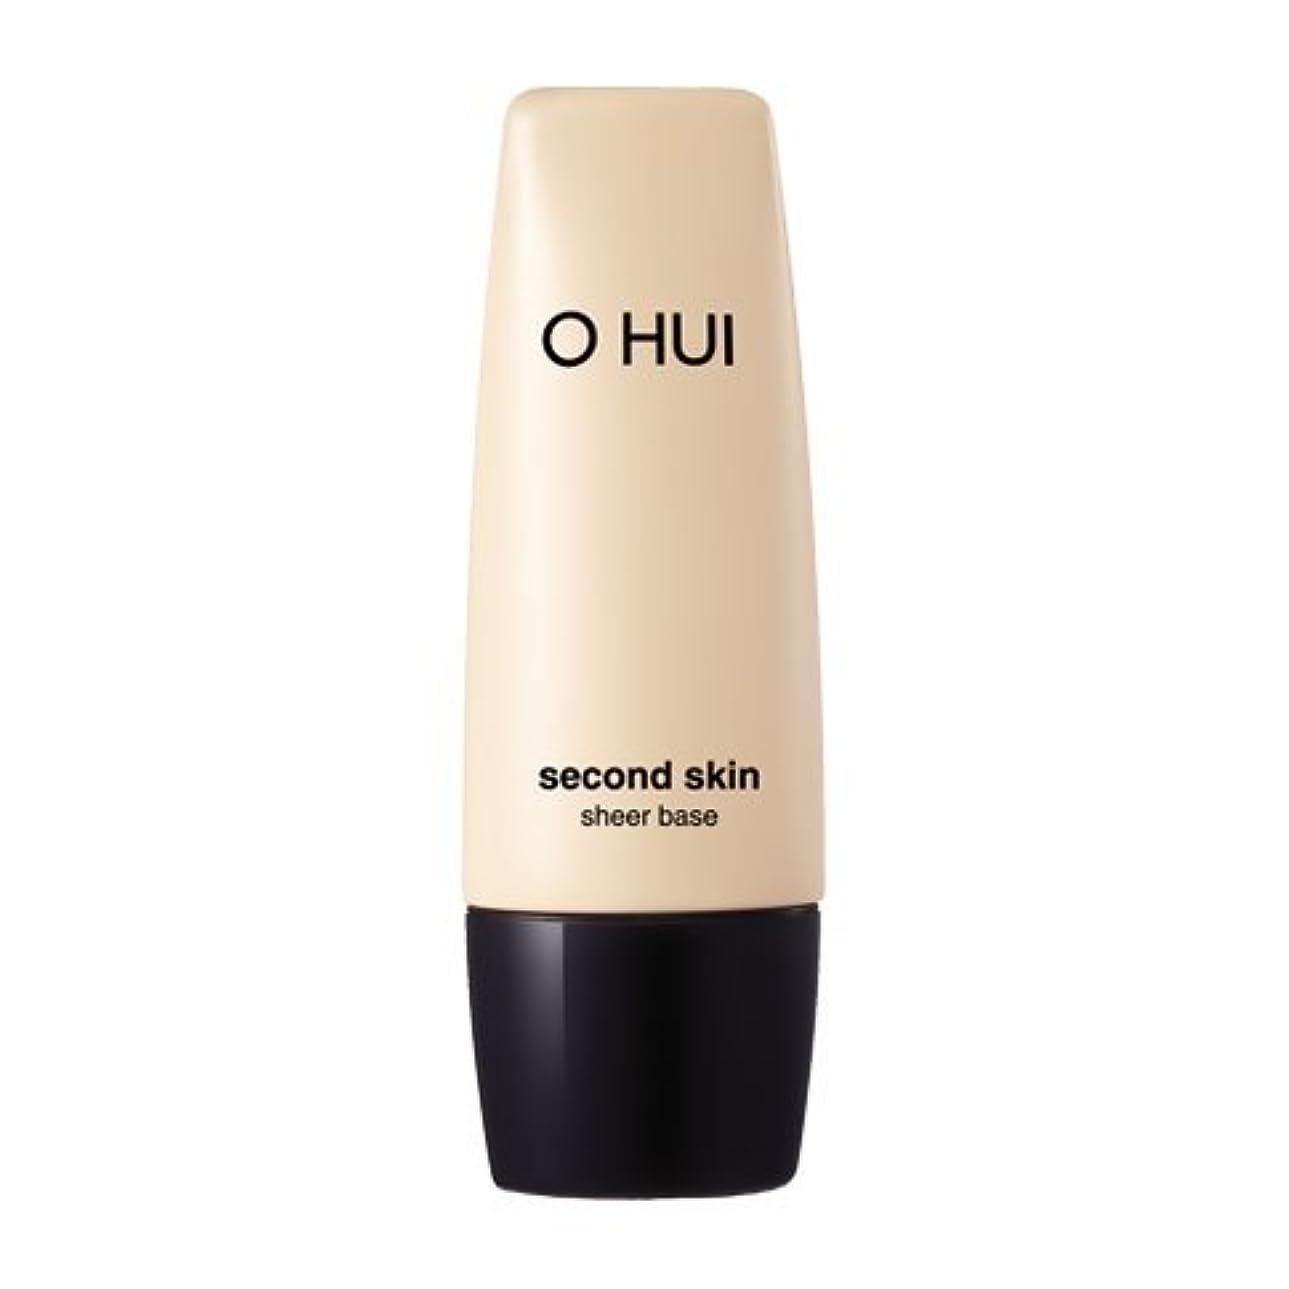 東構造酸っぱいOHUI Second Skin Sheer Base 40ml/オフィ セカンド スキン シア ベース 40ml